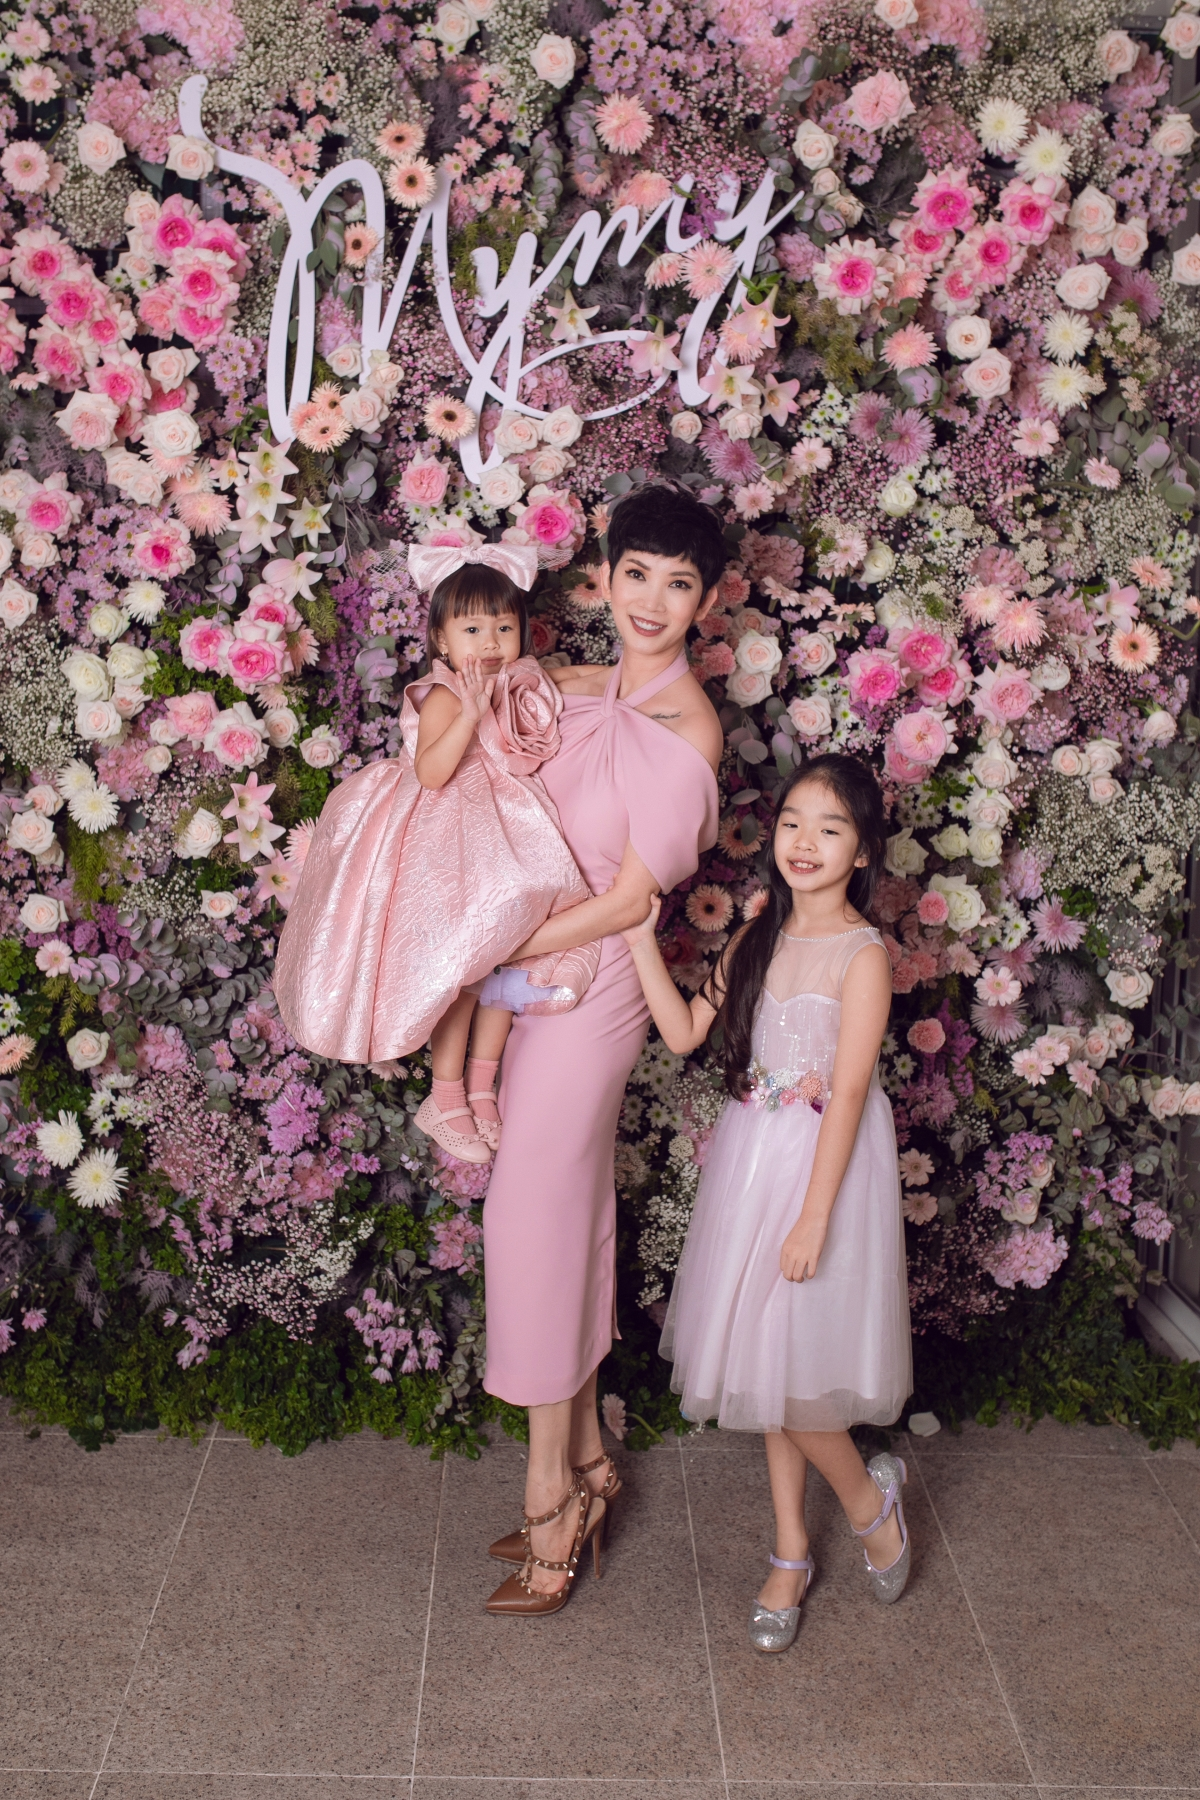 Siêu mẫu Xuân Lan đưa con gái - bé Thỏ đến chúc mừng sinh nhật MyMy.Chị diện đầm trễ vai, phần cổ cách điệu từ yếm trông lạ mắt.